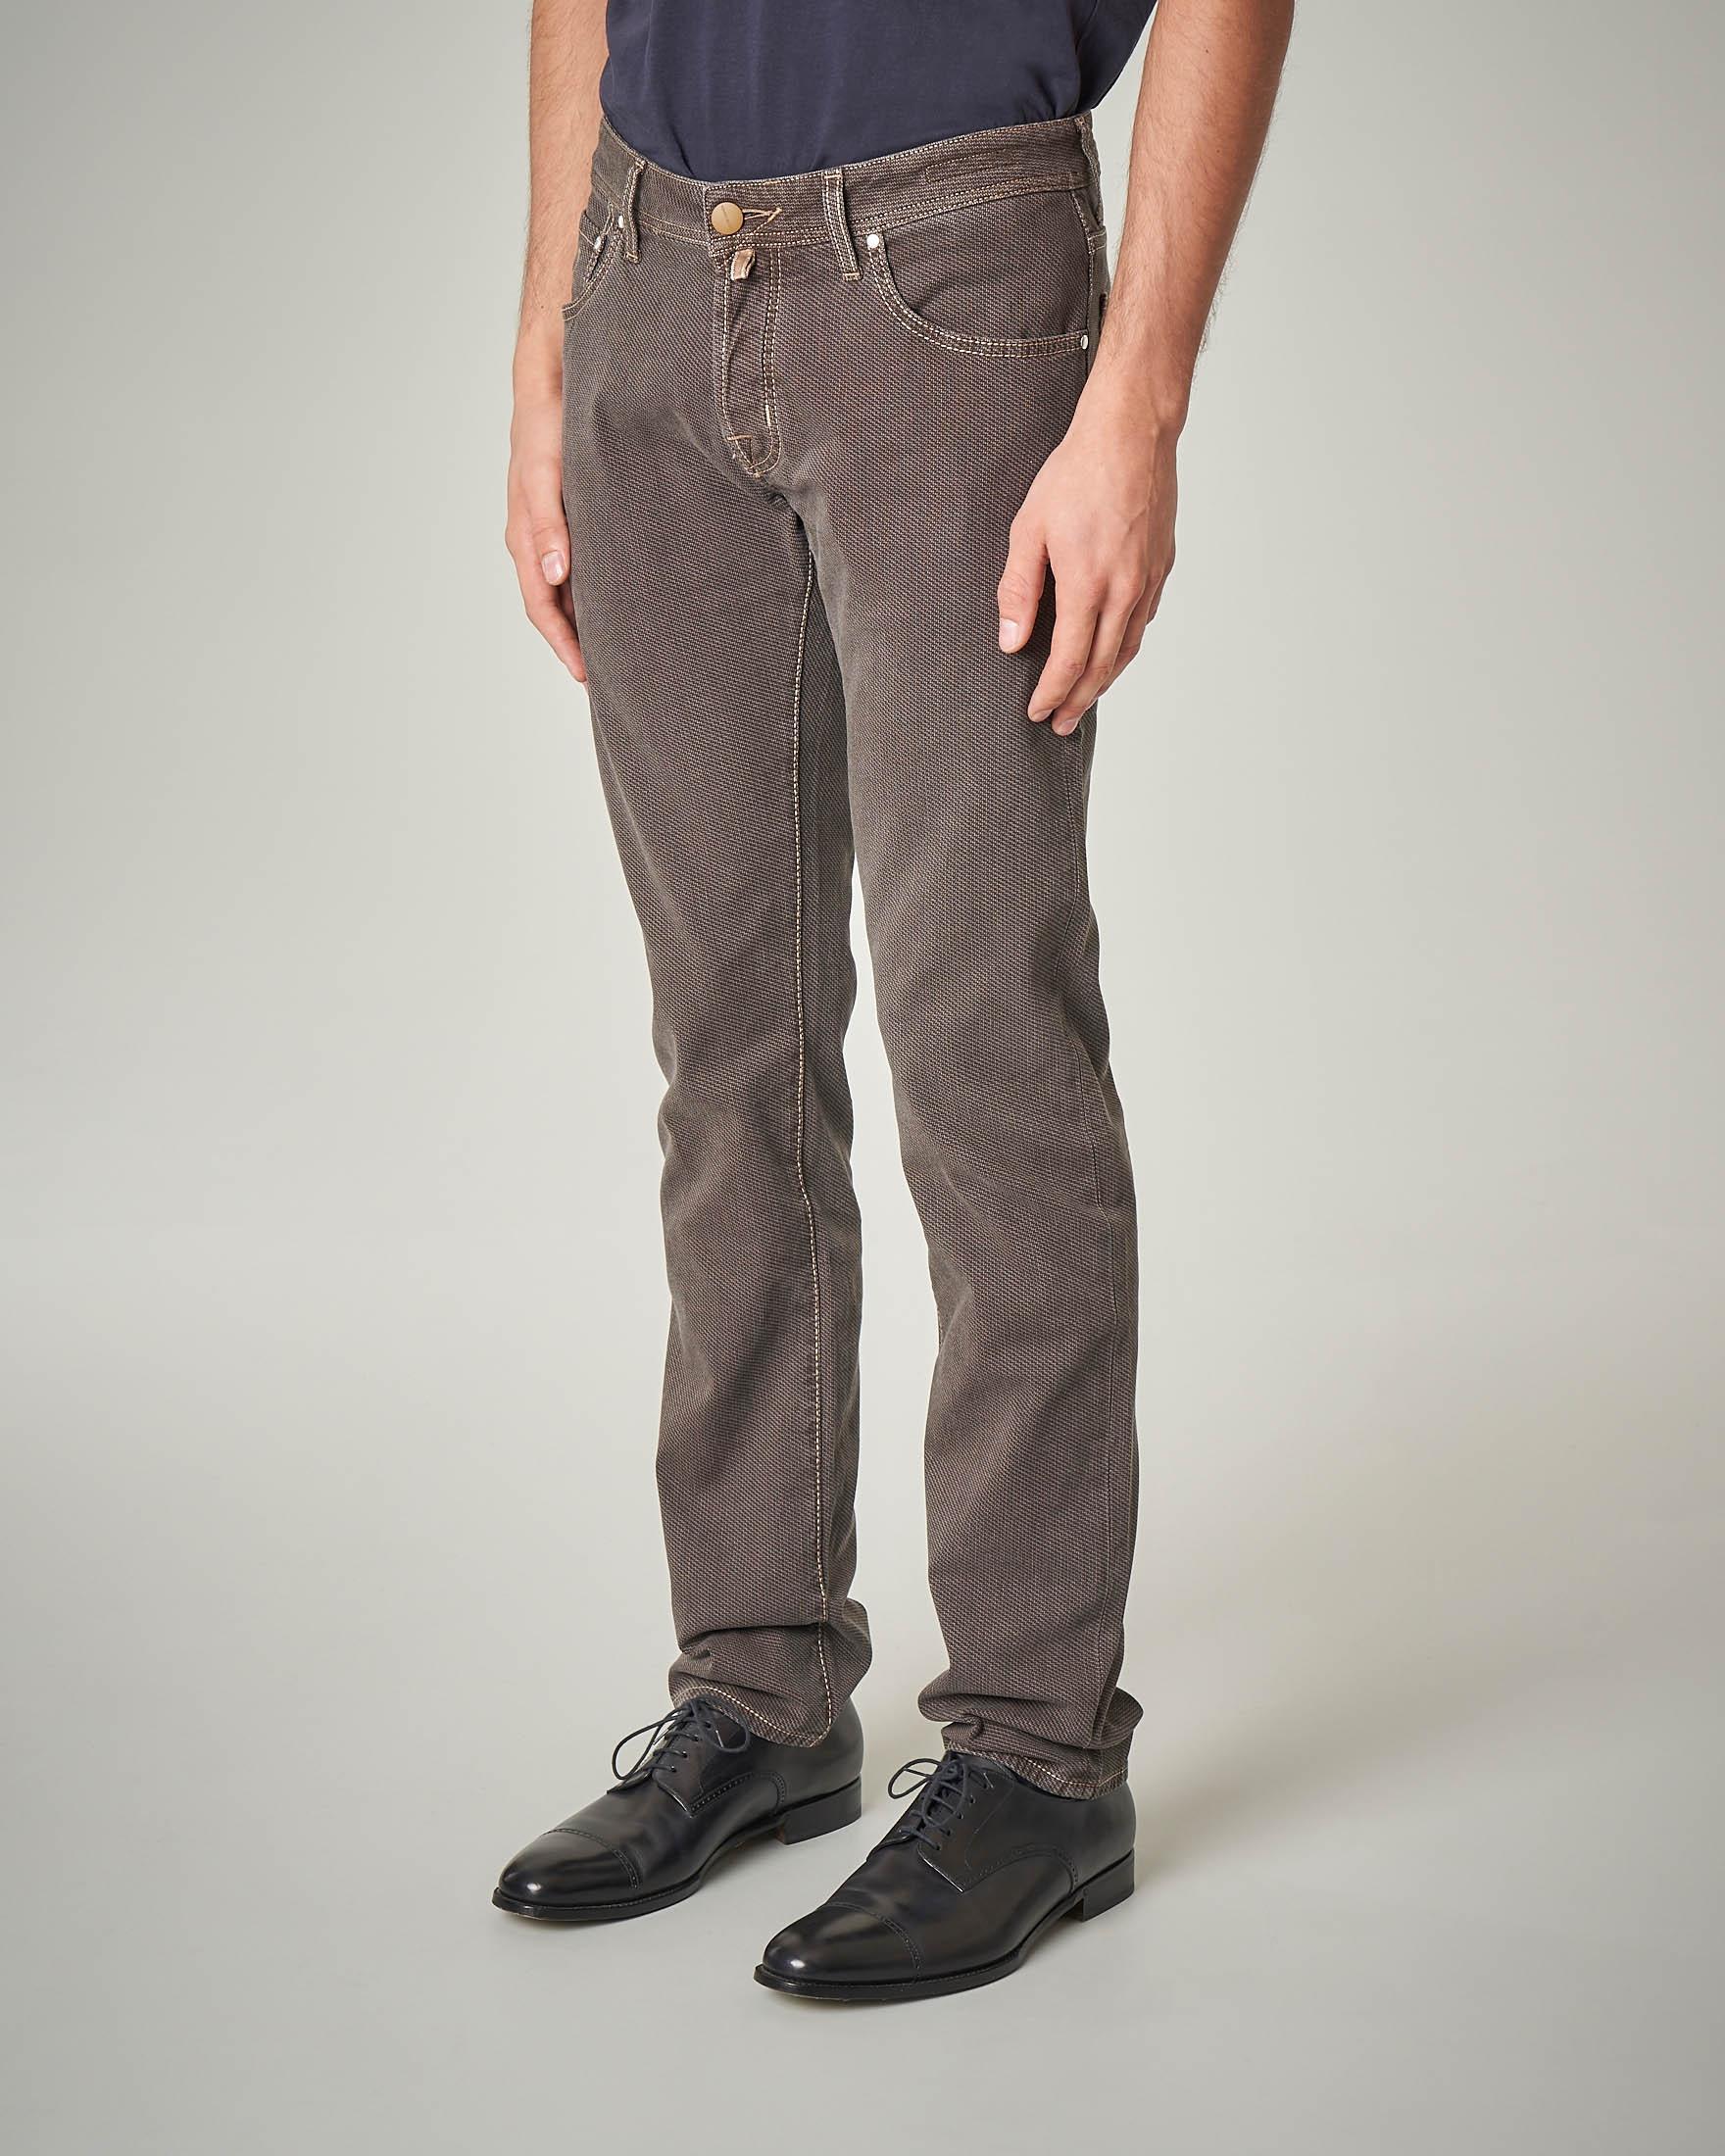 Pantalone cinque tasche marrone